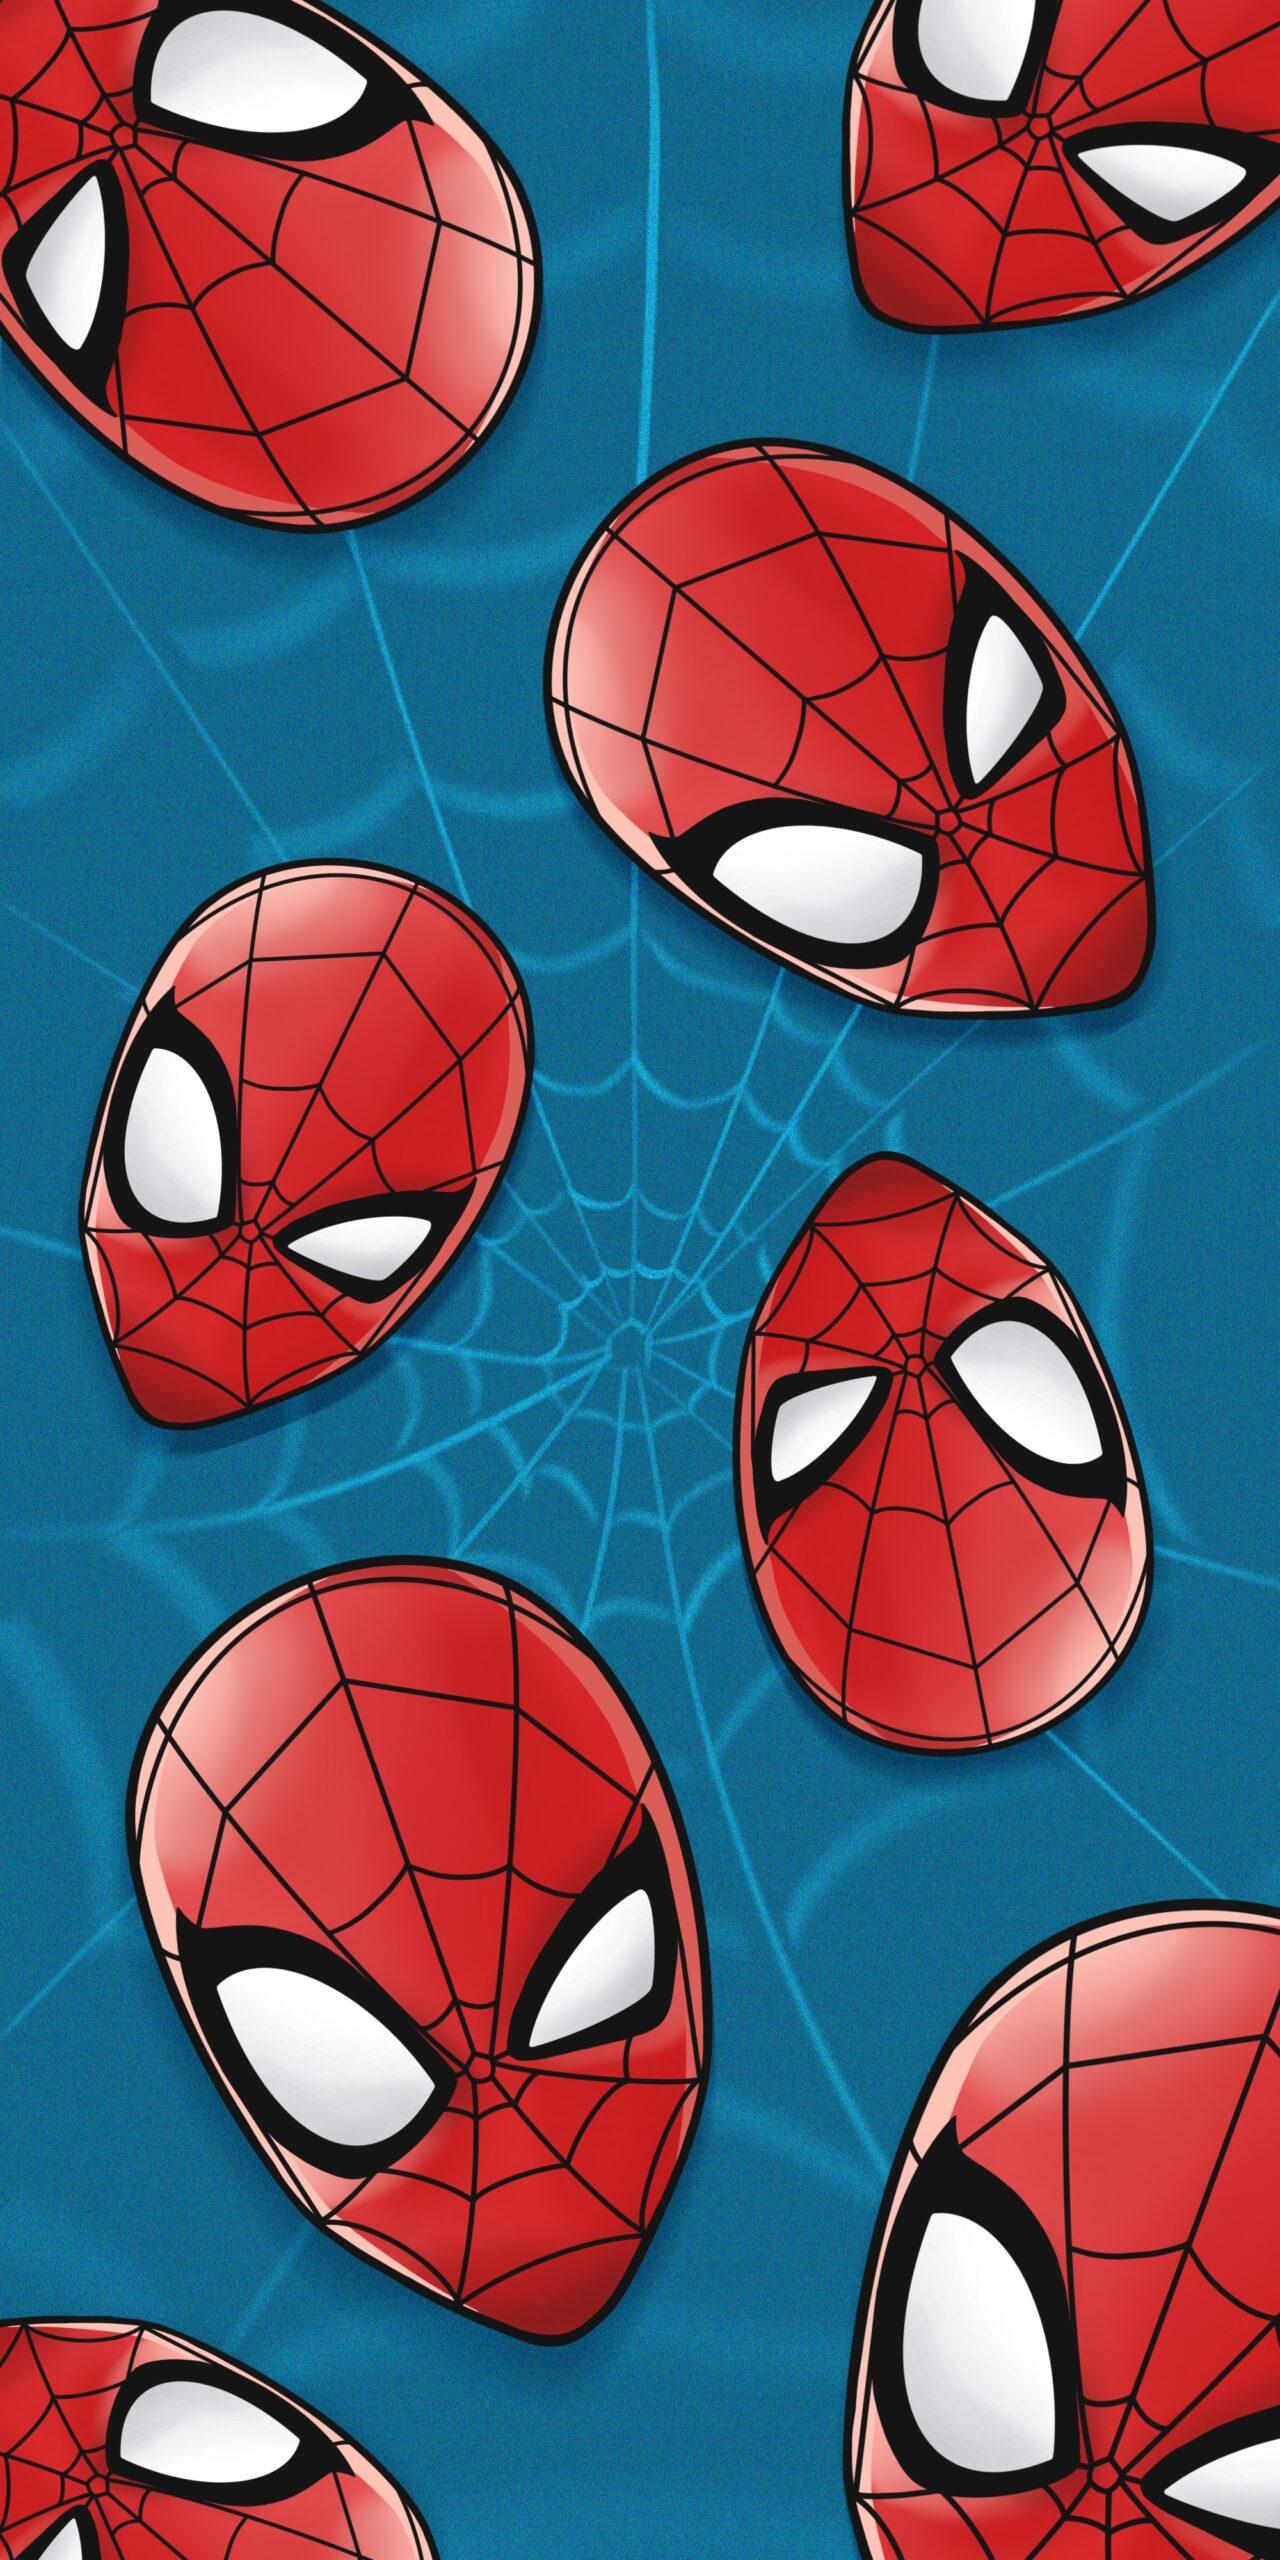 marvel spider-man blue wallpaper